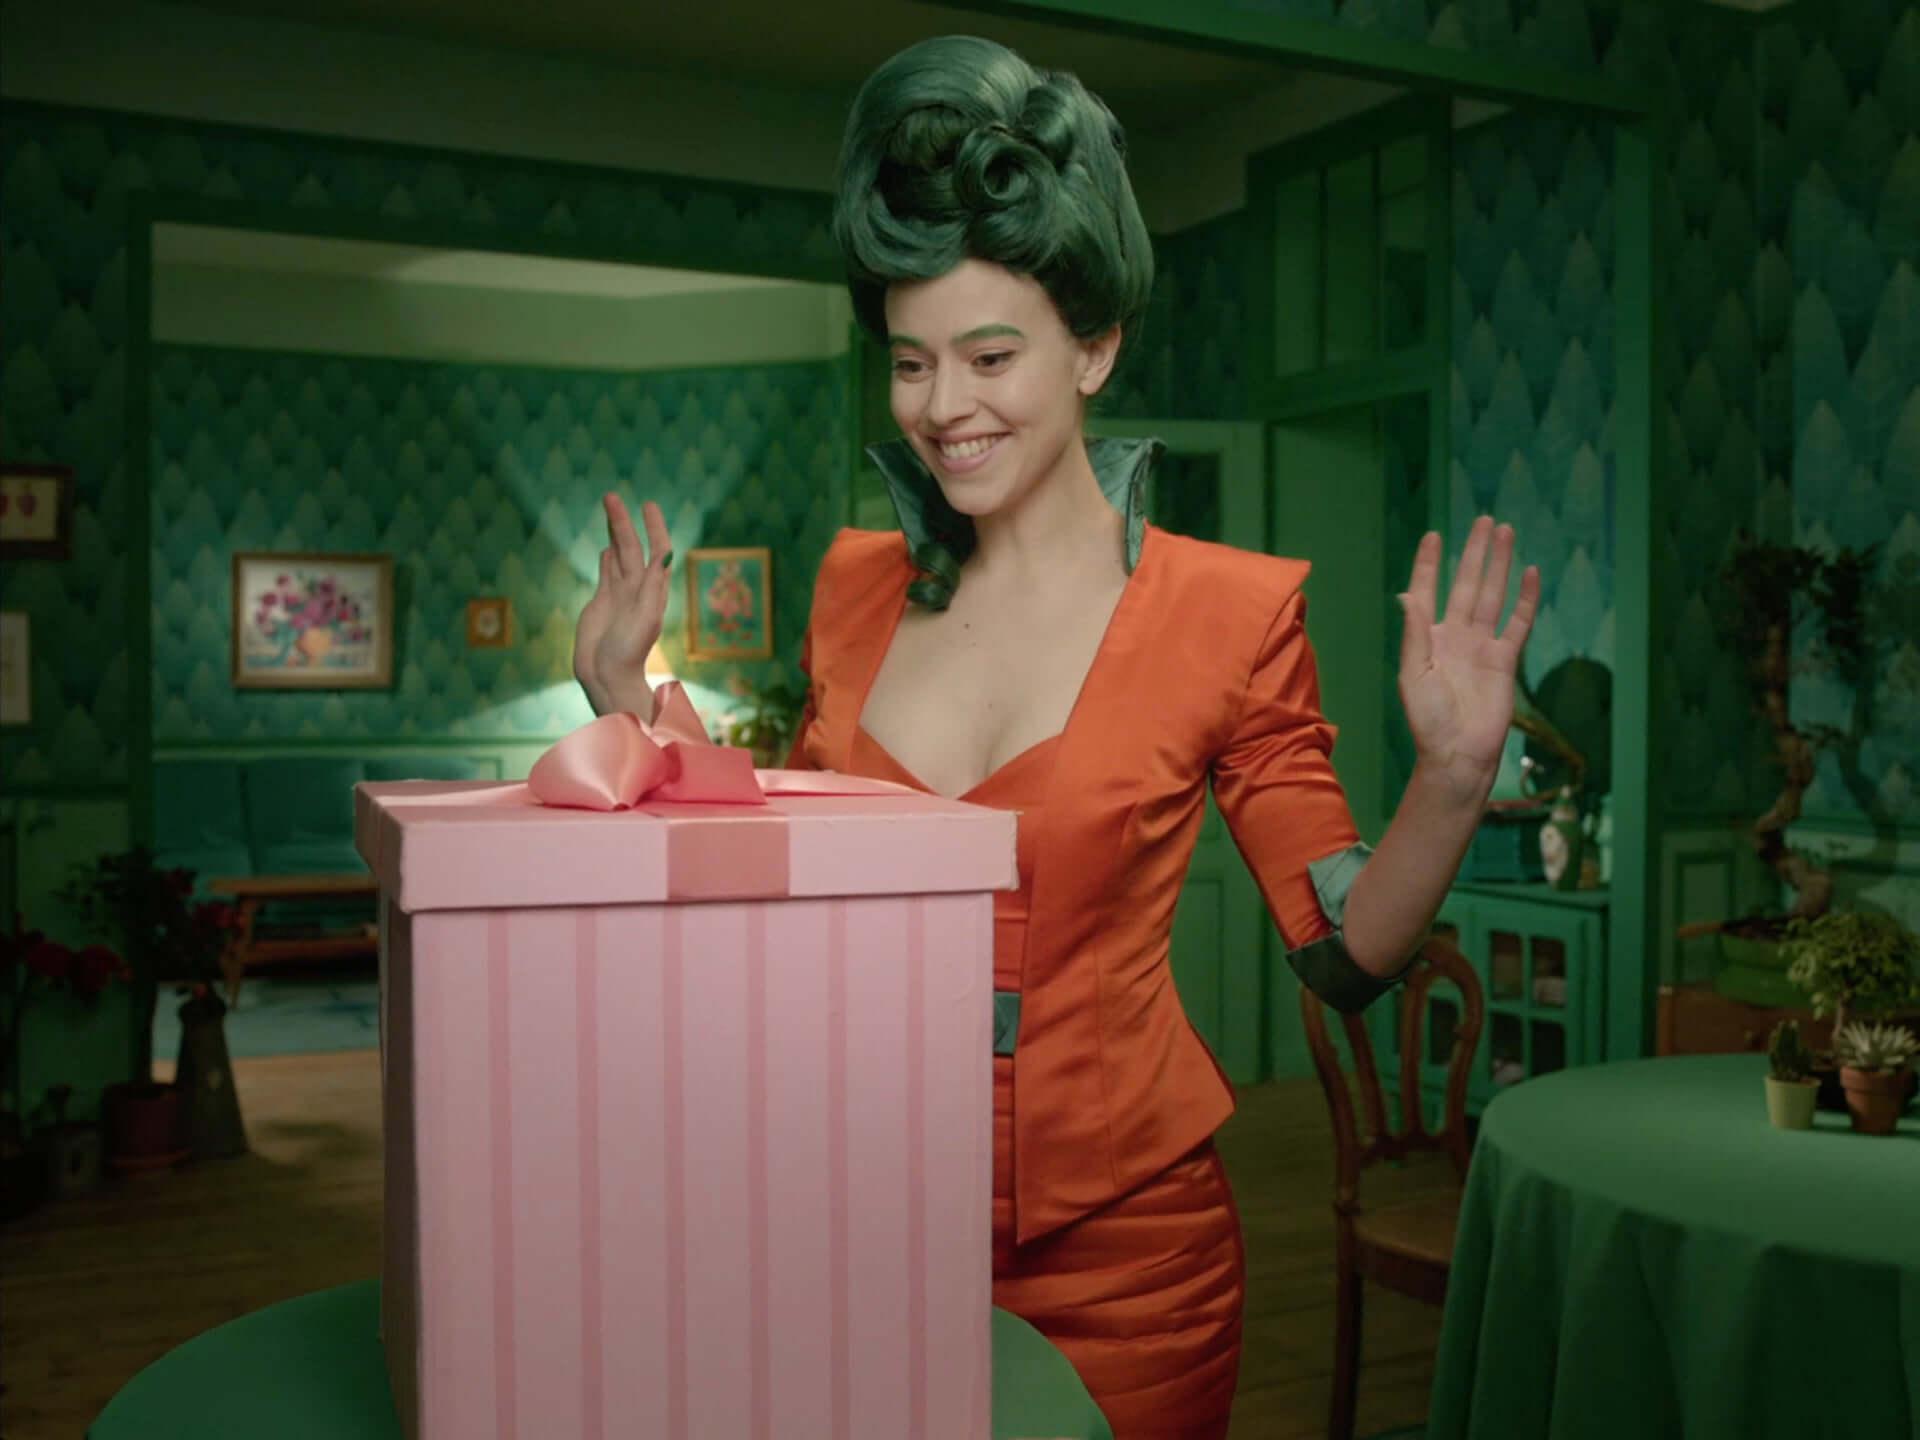 オンライン映画祭<MyFFF>が短編59作品を無料配信!カトリーヌ・ドヌーヴ出演『美味しい美女』などフランス映画多数 film200401_myfff_4-1920x1440